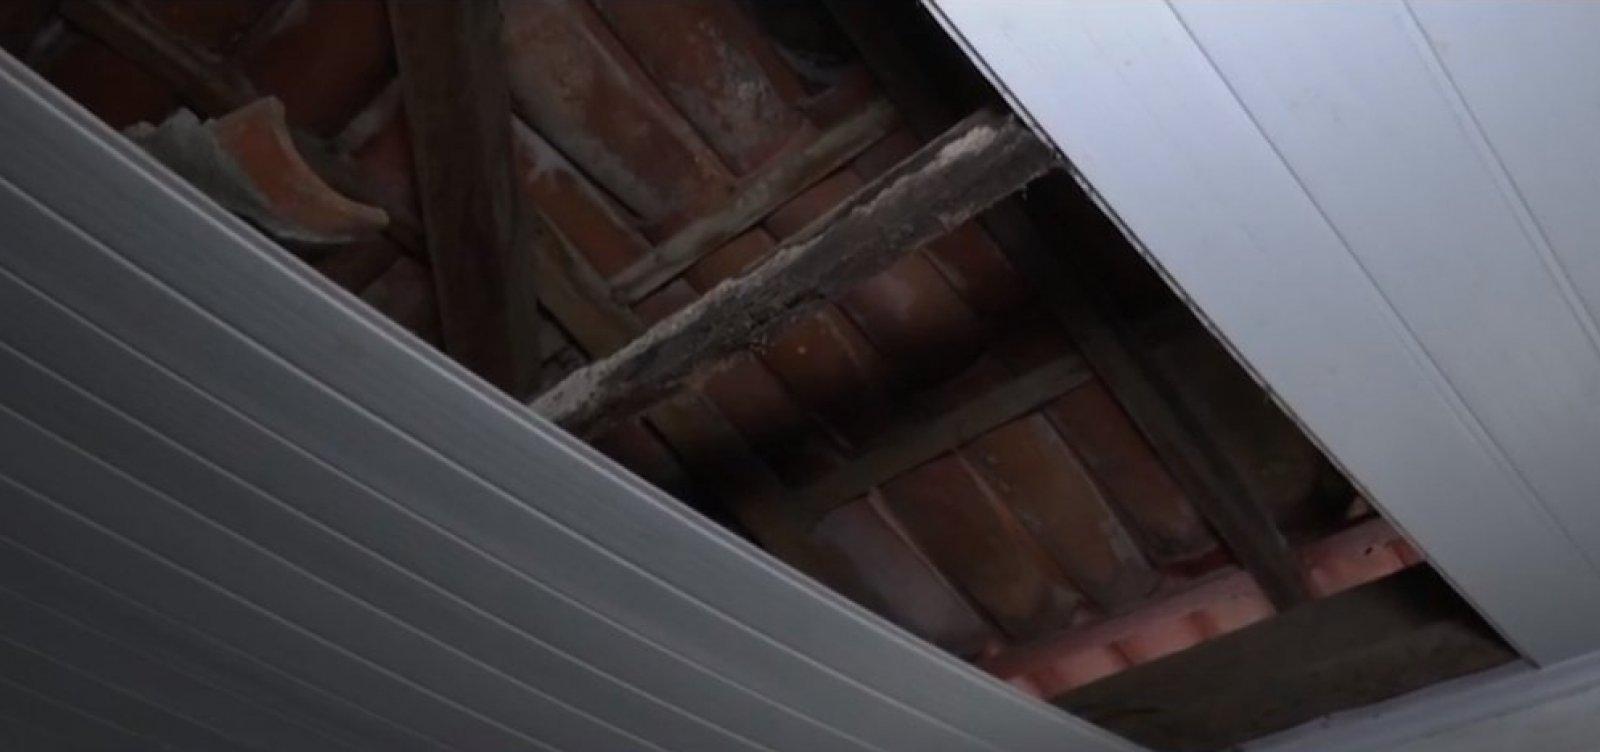 [Forro de teto de posto de saúde desaba em Itabuna, no sul da Bahia]